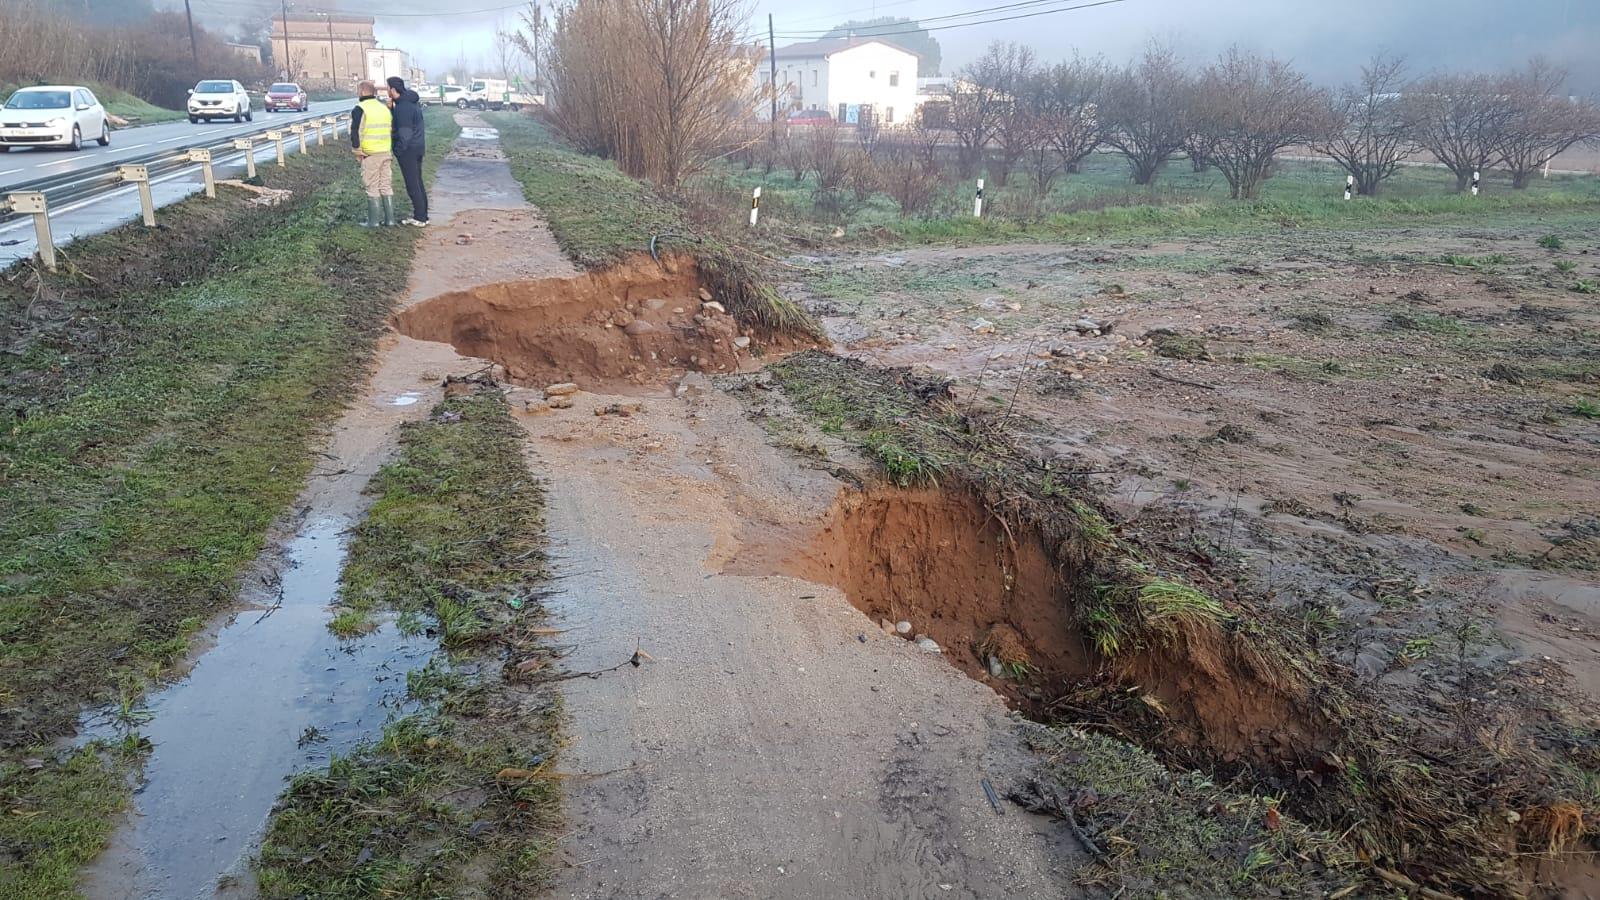 Esvoranc a la via verda, a Vilanna - Bescanó, a causa del temporal Glòria